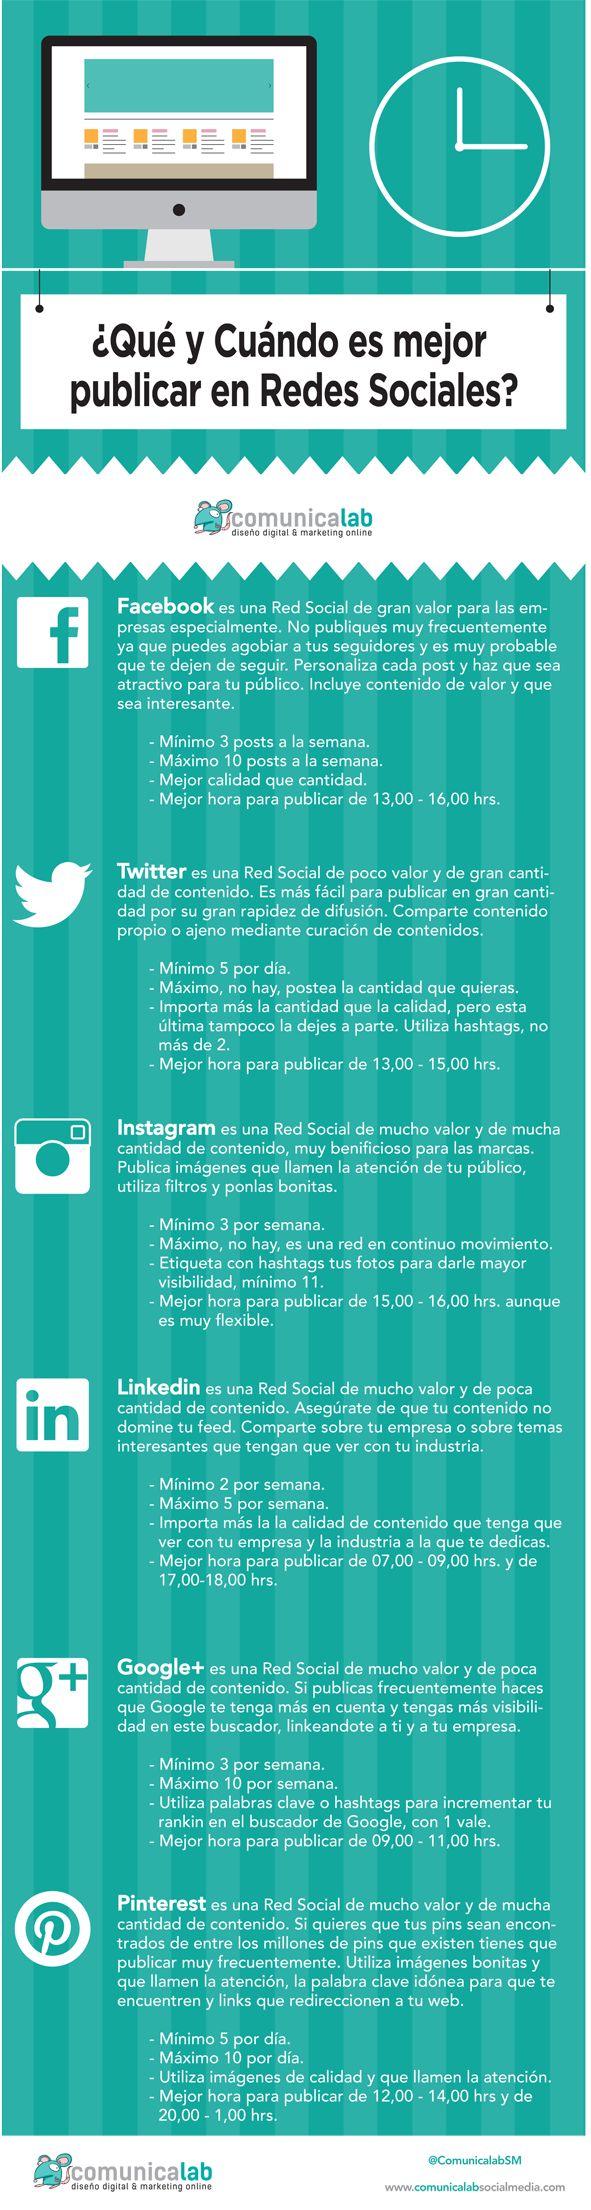 Qué y Cuándo es mejor publicar en Redes Sociales #infografia #infographic #SocialMedia